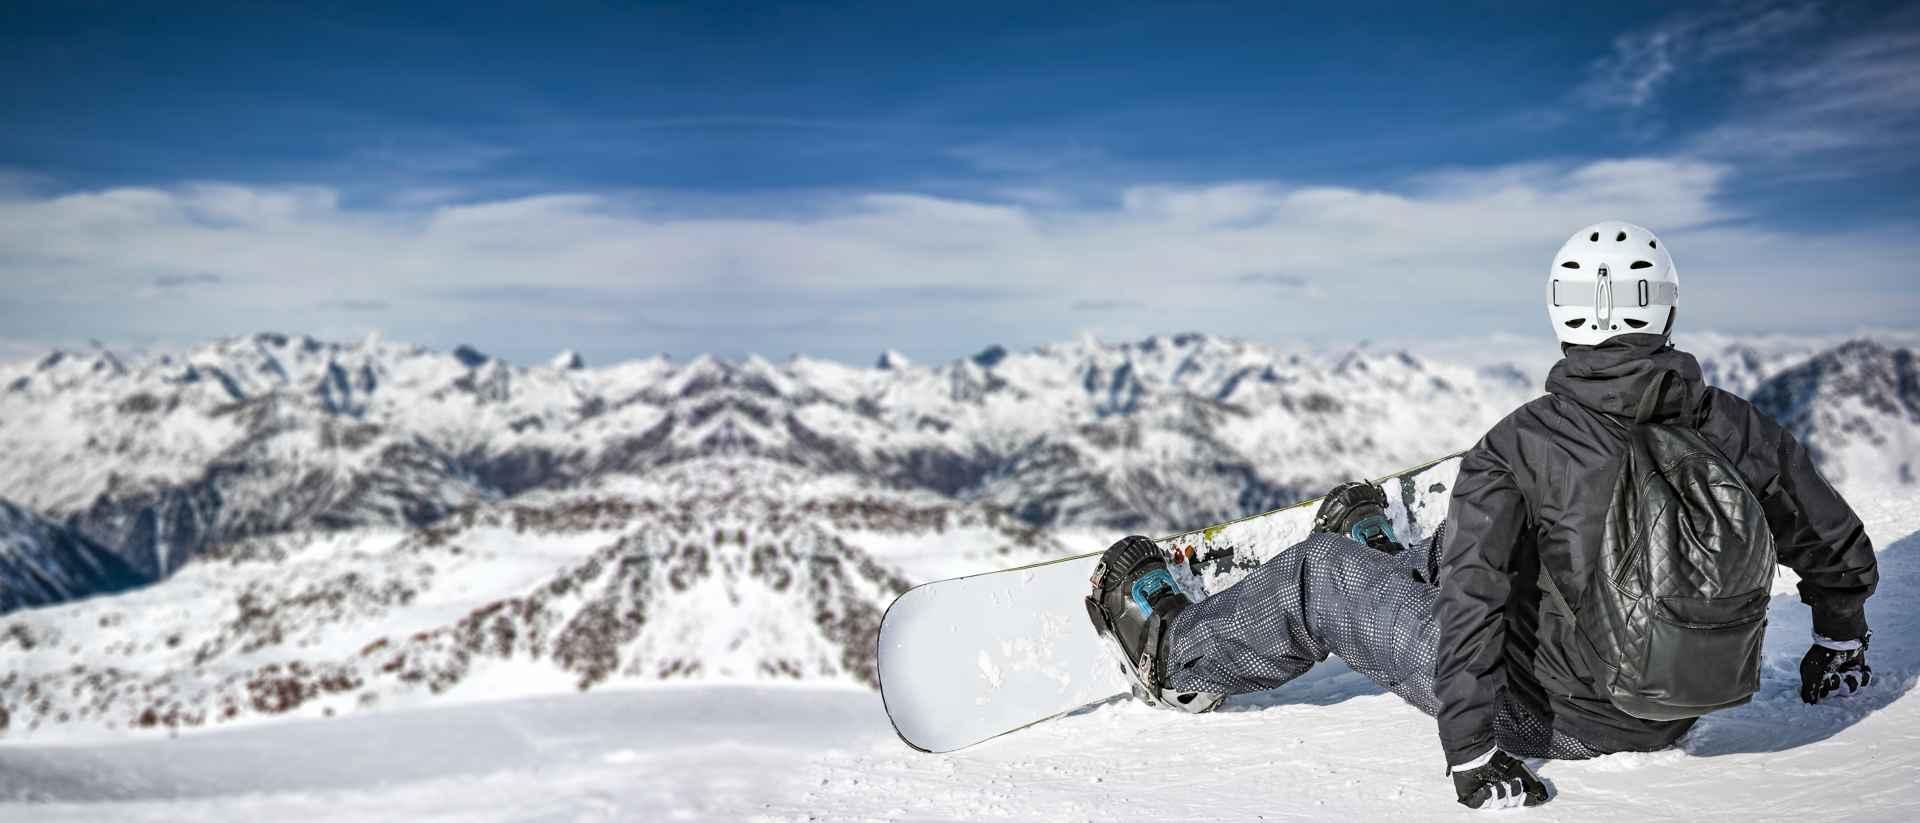 Podróże i sport zimowy